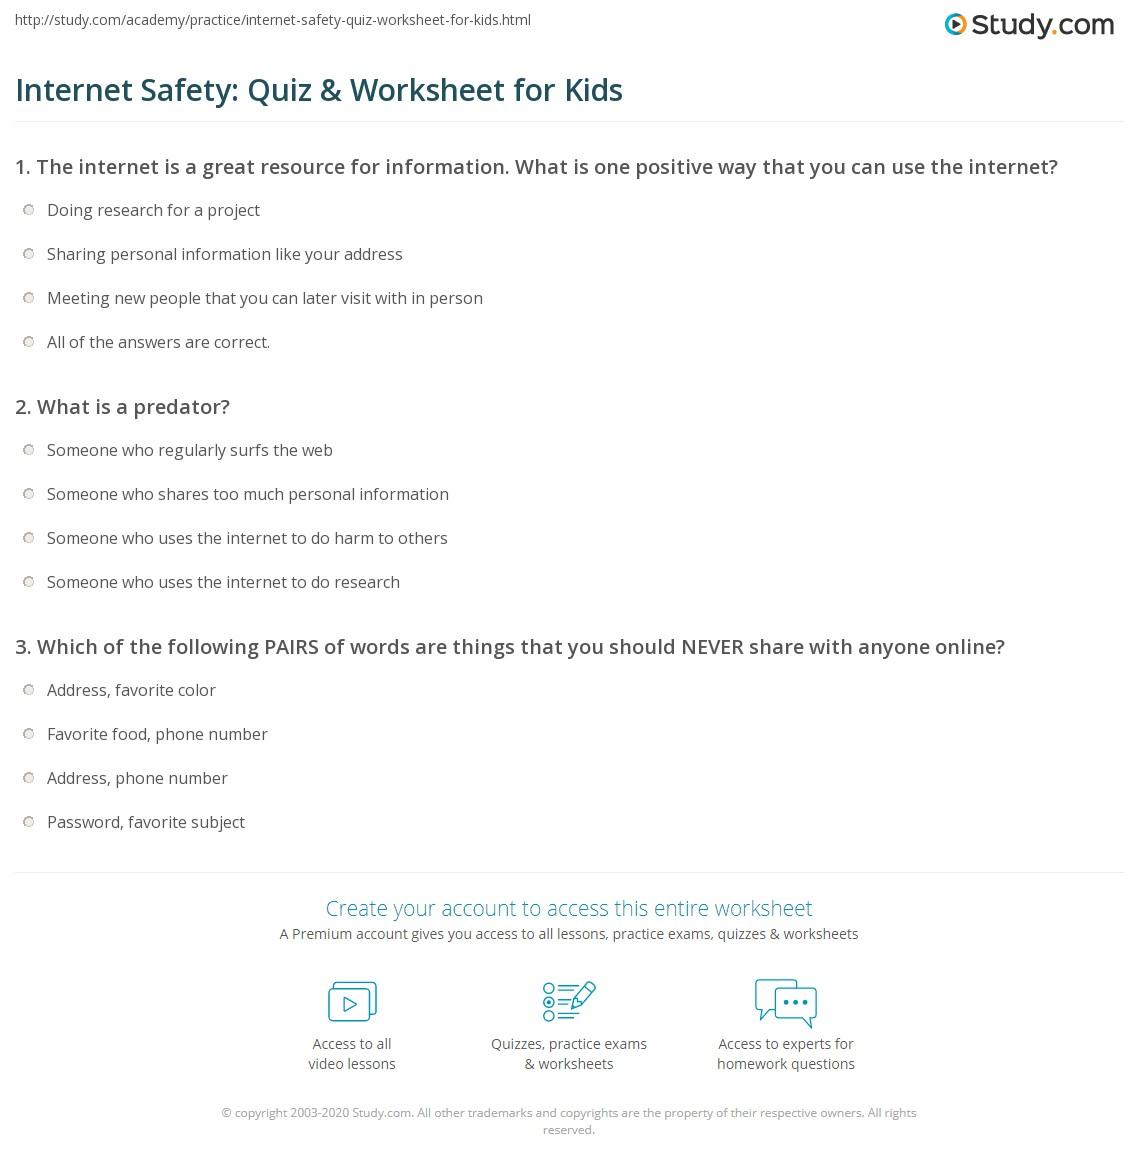 Internet Safety: Quiz & Worksheet for Kids   Study.com